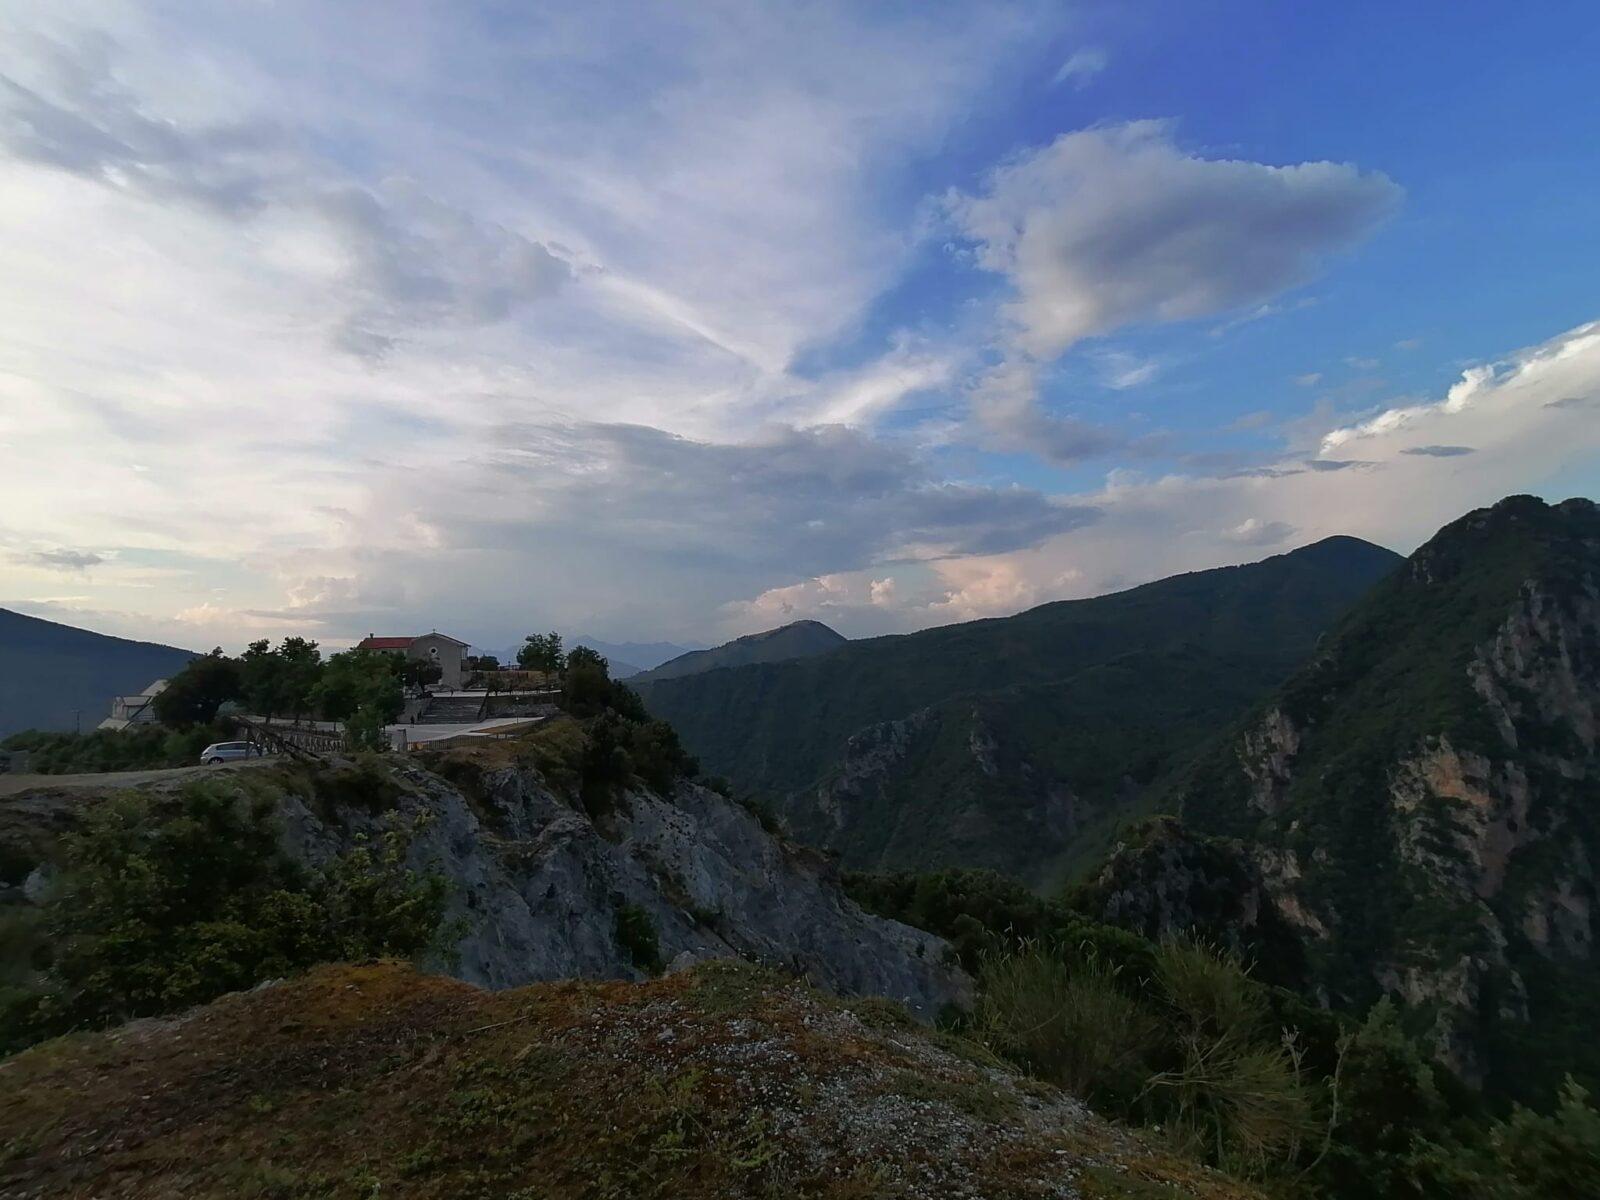 Vallo di Diano: la conca situata tra le montagne del Cilento e l'appennino lucano